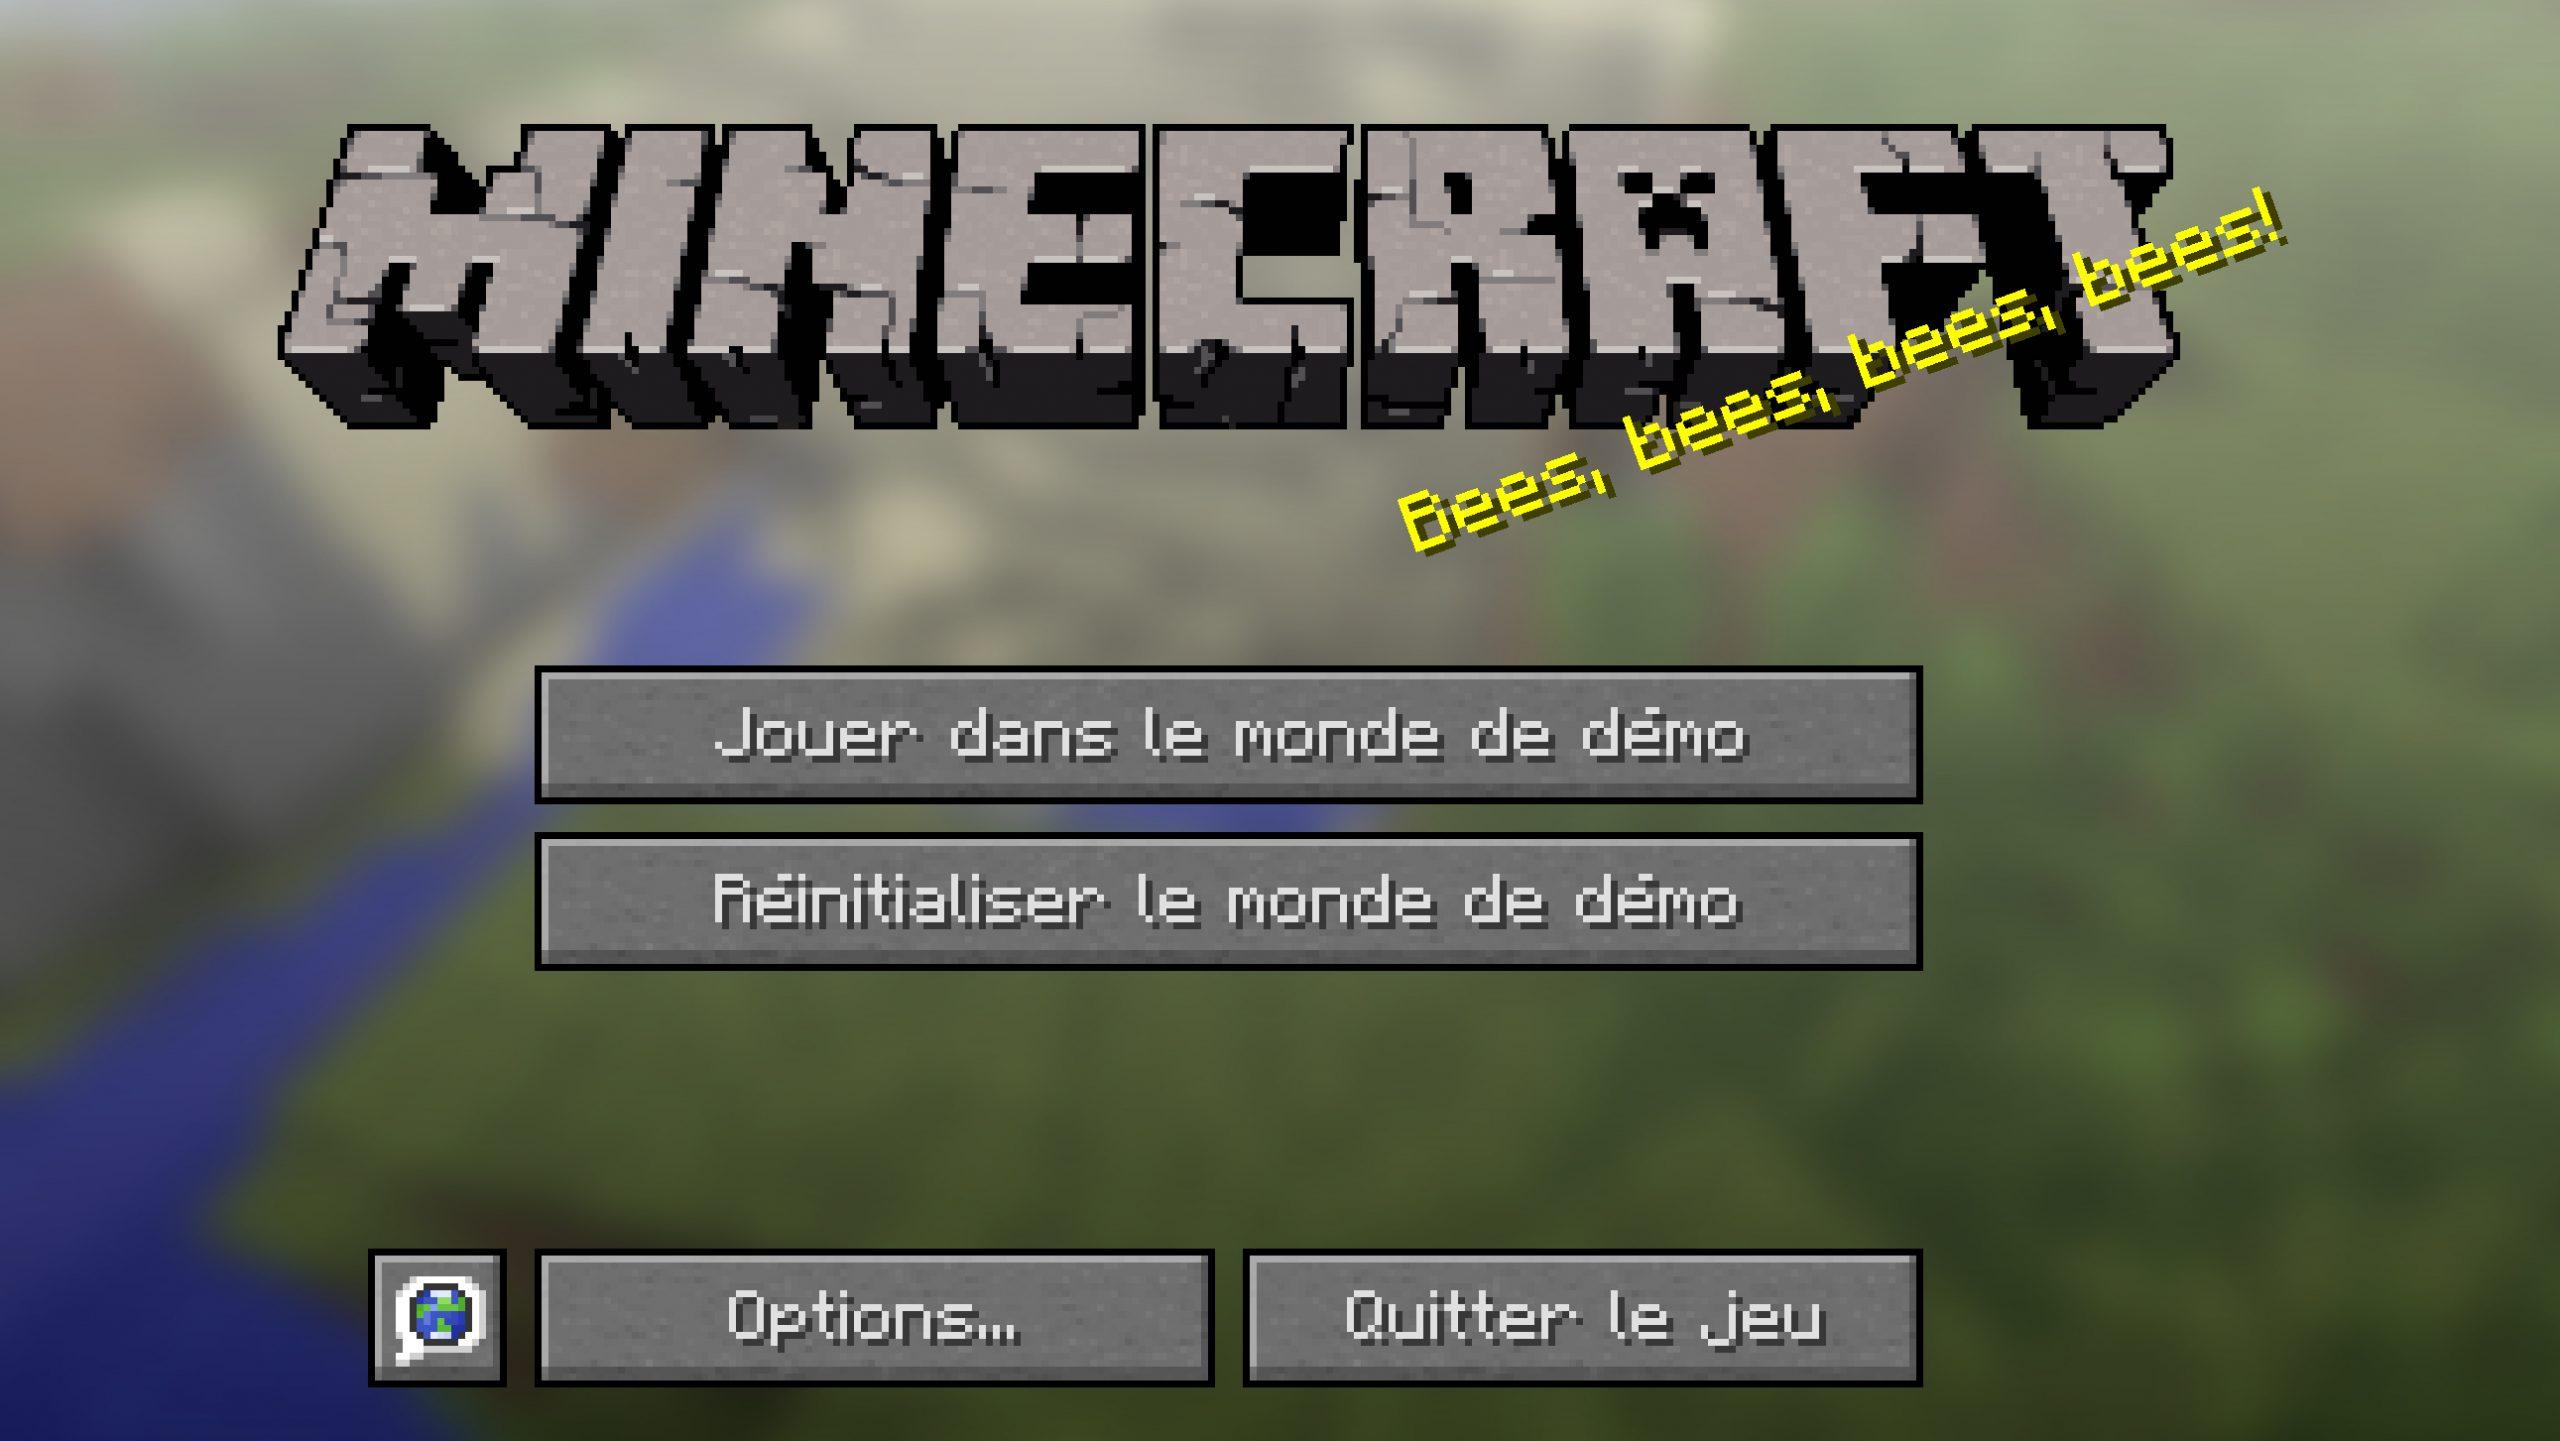 Telecharger Le Jeu Minecraft - Mincraft Gratuit tout Jeux Telecharger Pc Gratuit